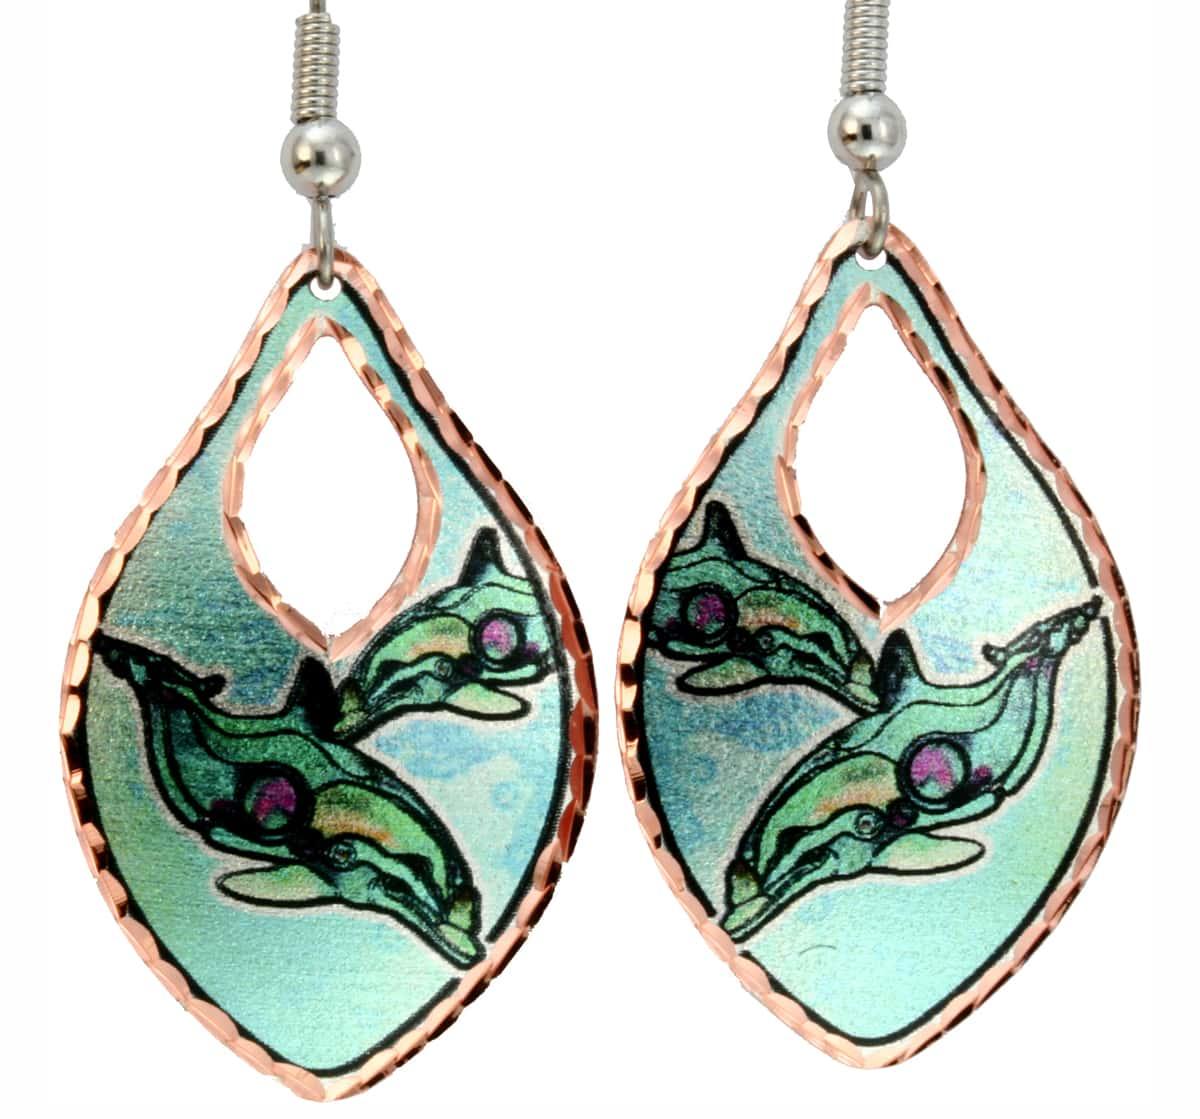 Dolphin Earrings Designed by Jo Lynch